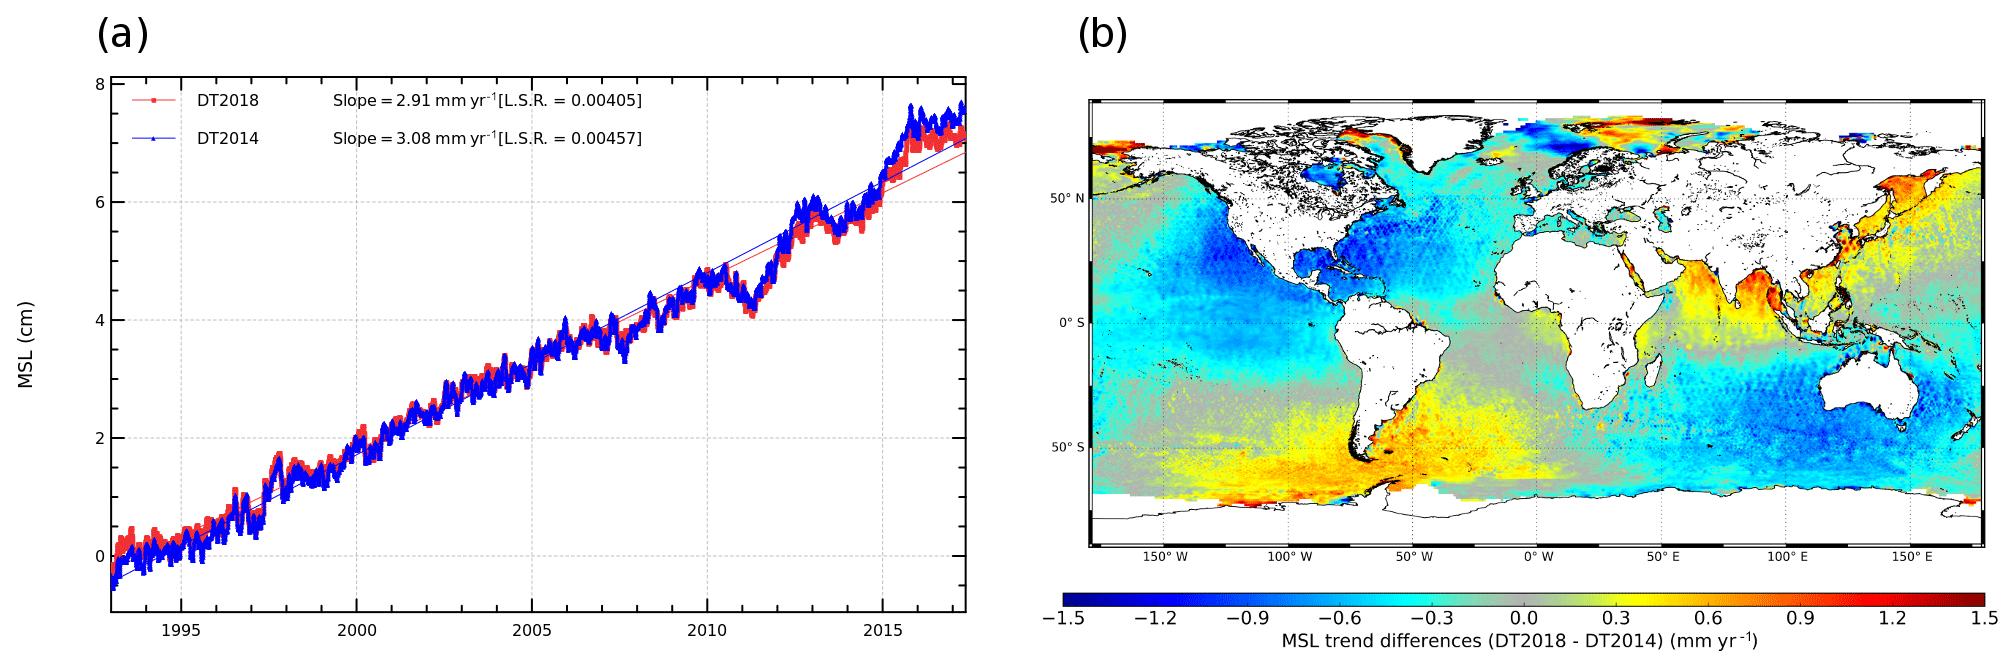 https://www.ocean-sci.net/15/1207/2019/os-15-1207-2019-f08